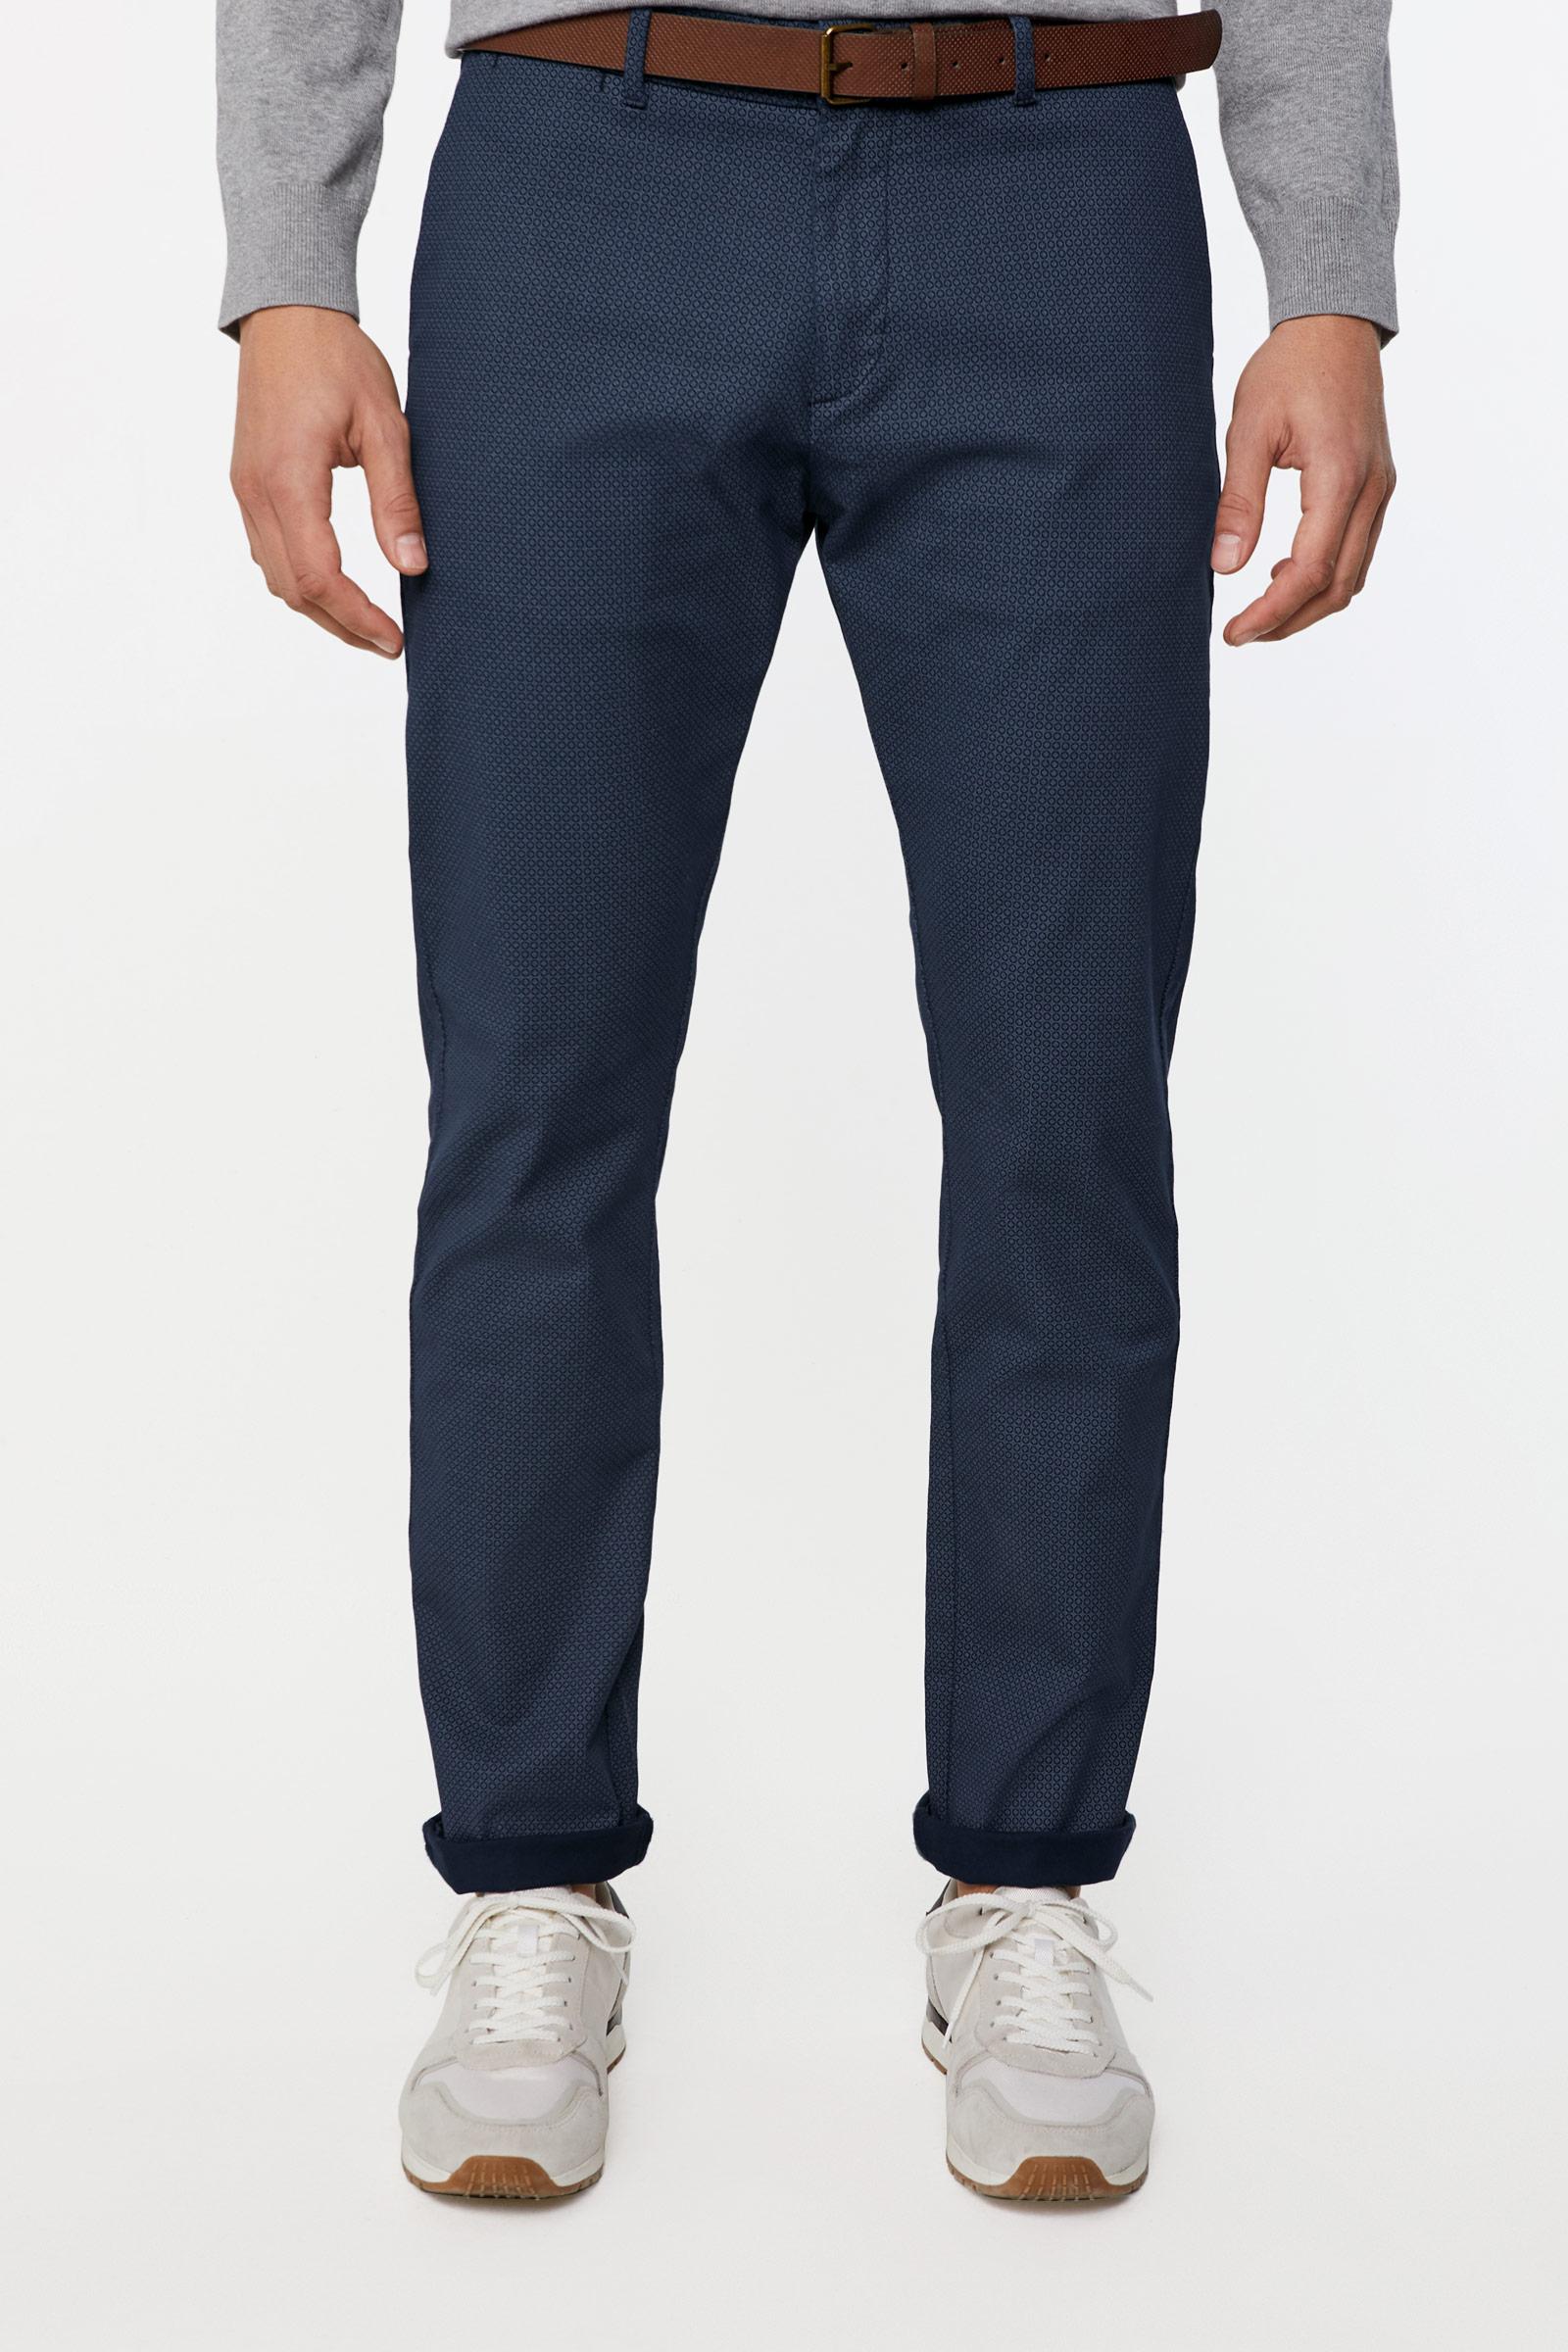 enkel broek Heren Skinny Jeans in maat 3136 | KLEDING.nl